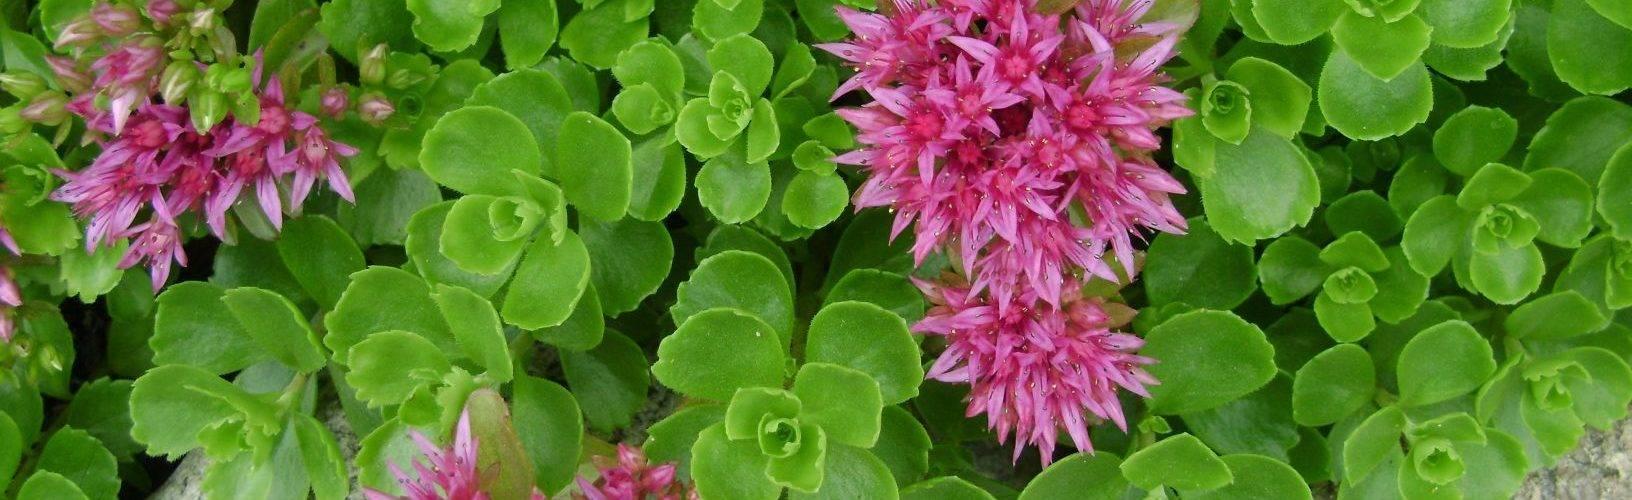 Как вырастить зверобой из семян на дачном участке. практические советы